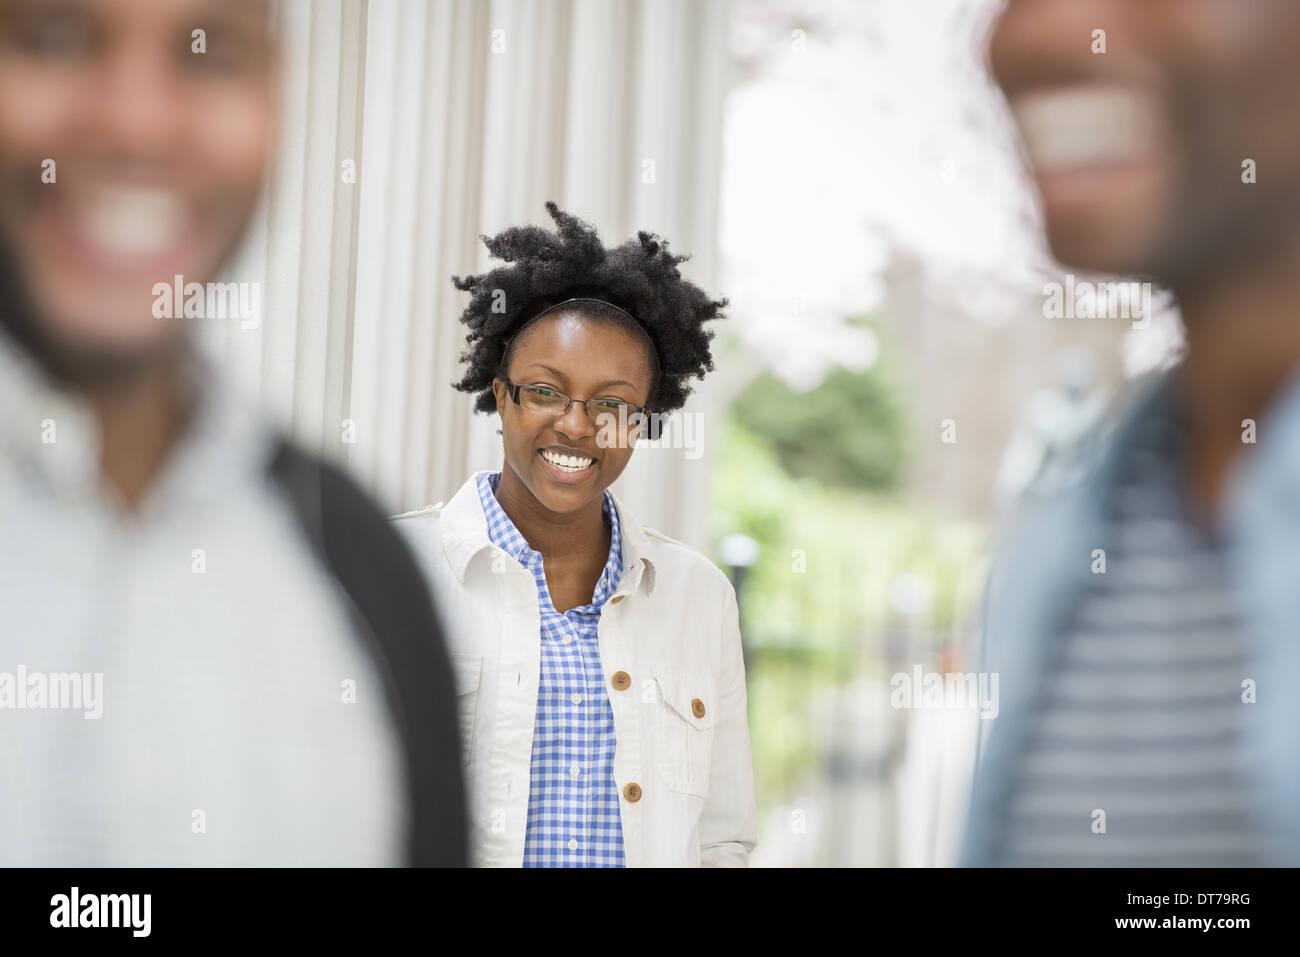 Une femme regardant la caméra, avec deux hommes à l'avant-plan. Photo Stock